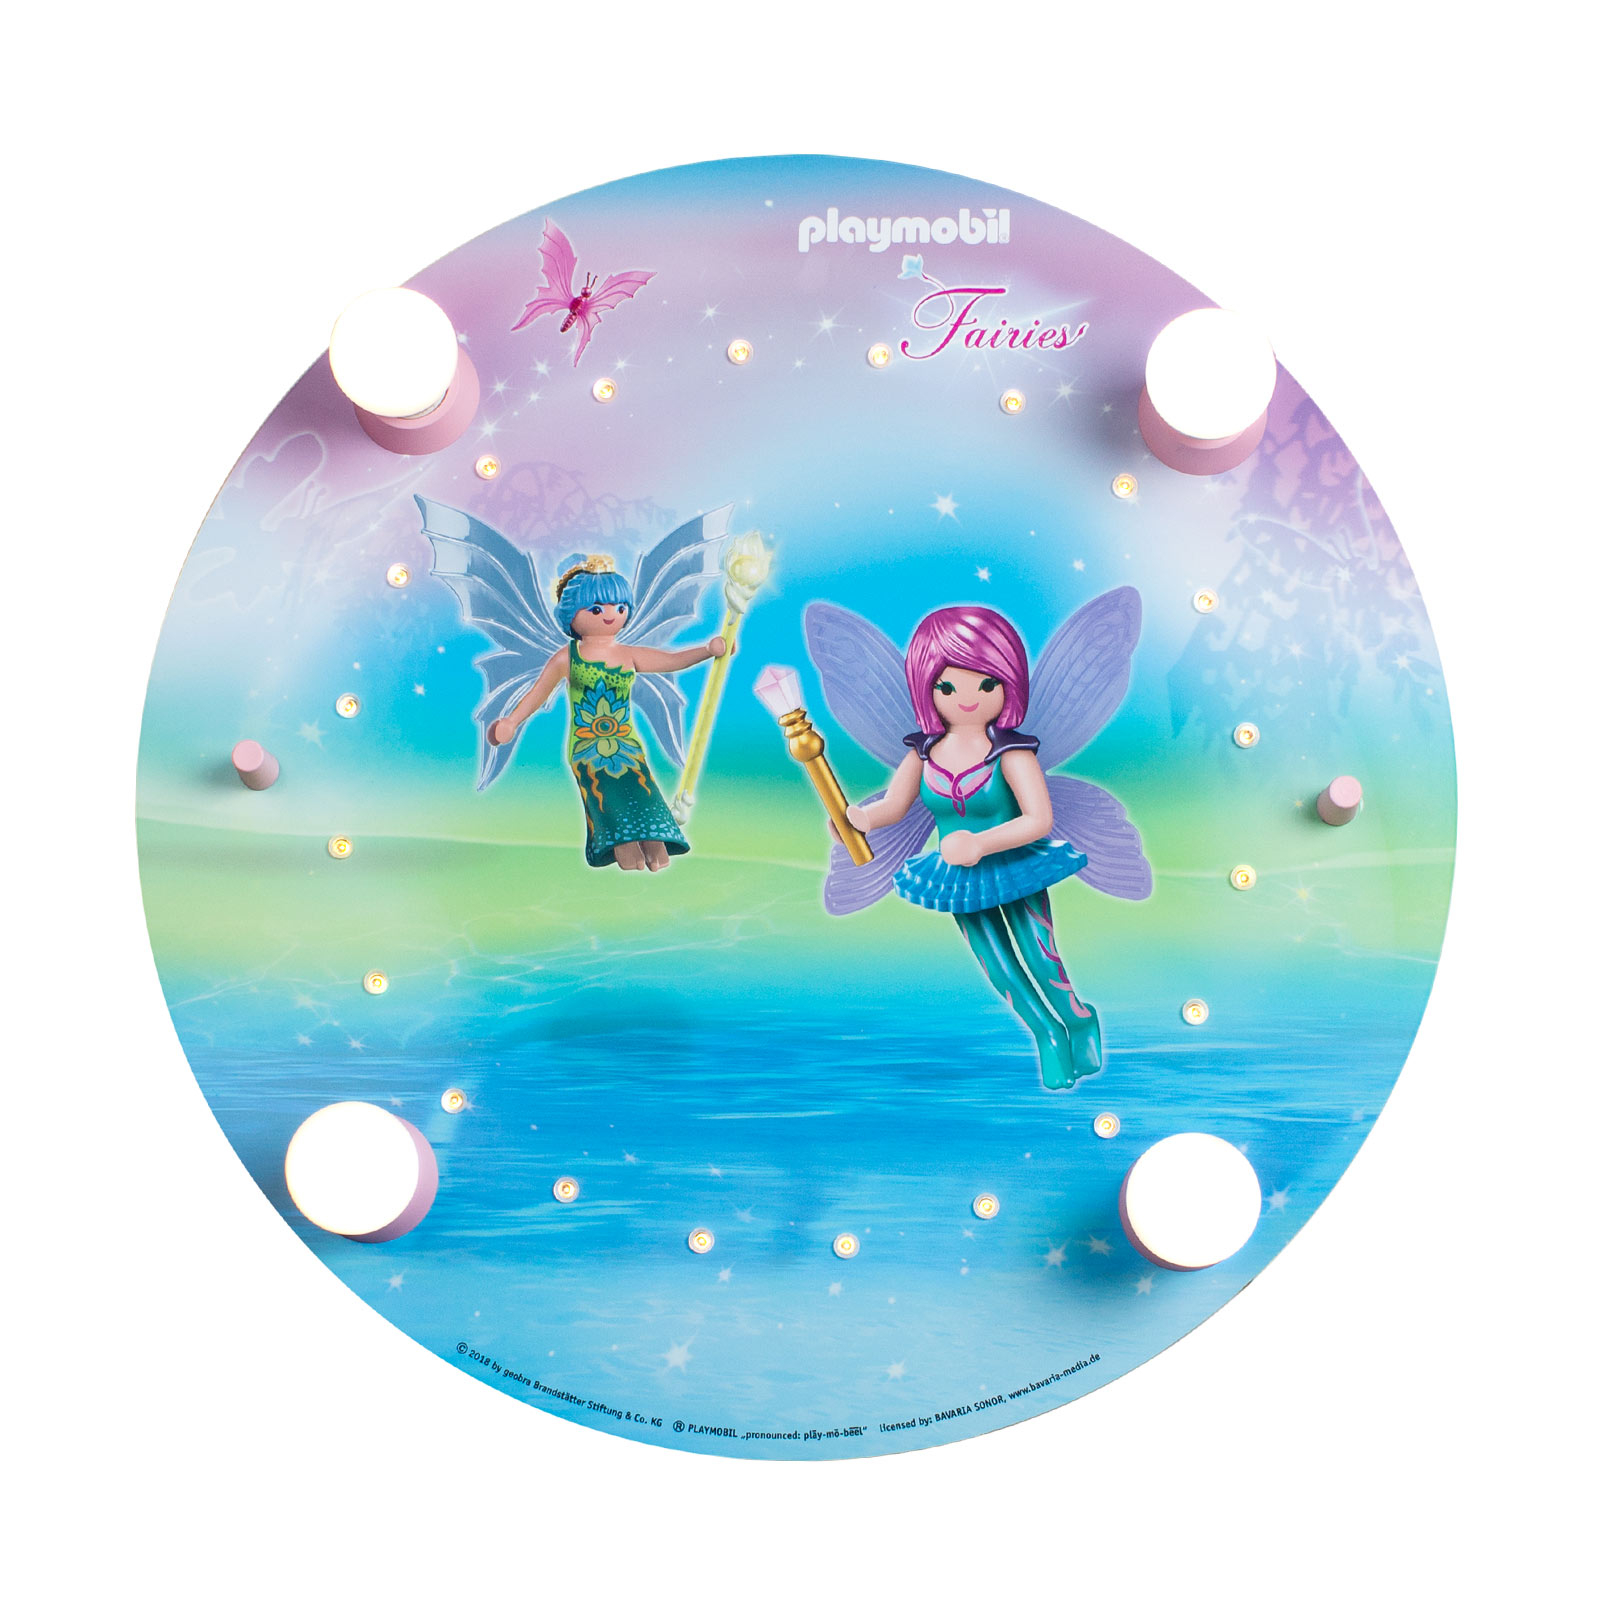 PLAYMOBIL Fairies loftlampe, rondel